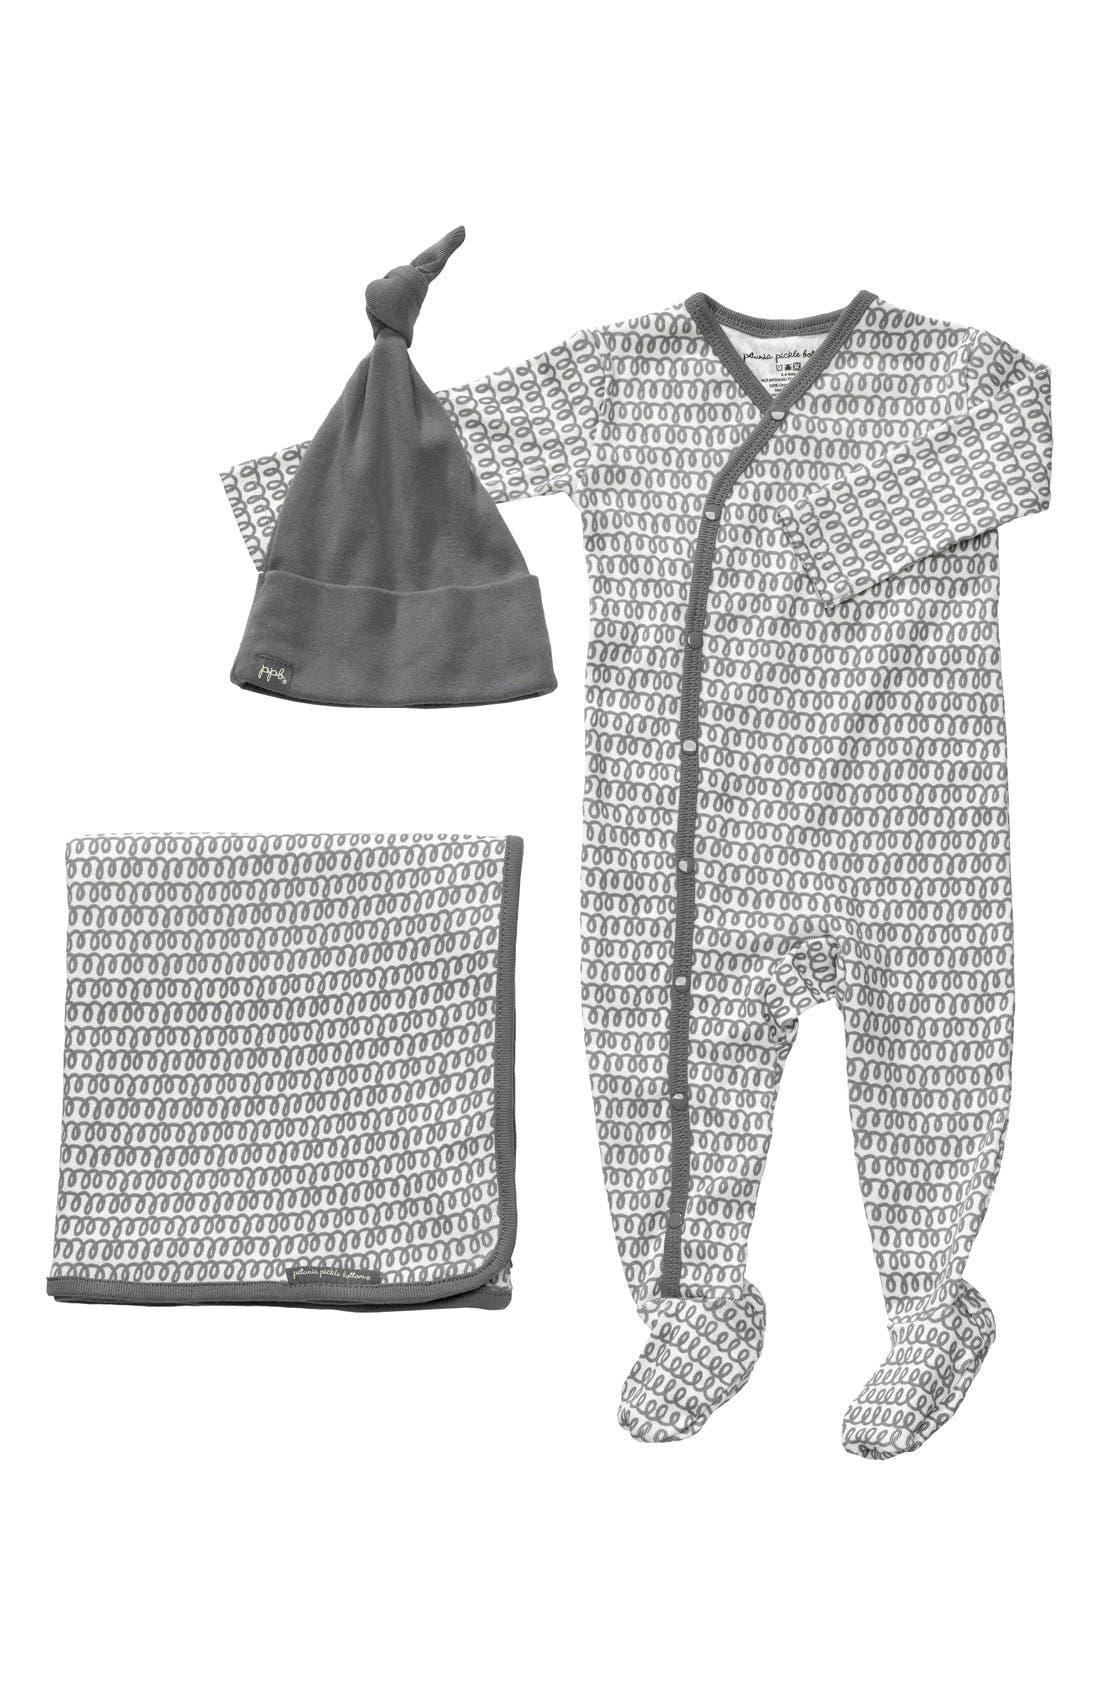 Alternate Image 1 Selected - Petunia Pickle Bottom 'Snuggle' Footie, Blanket & Hat Set (Baby)